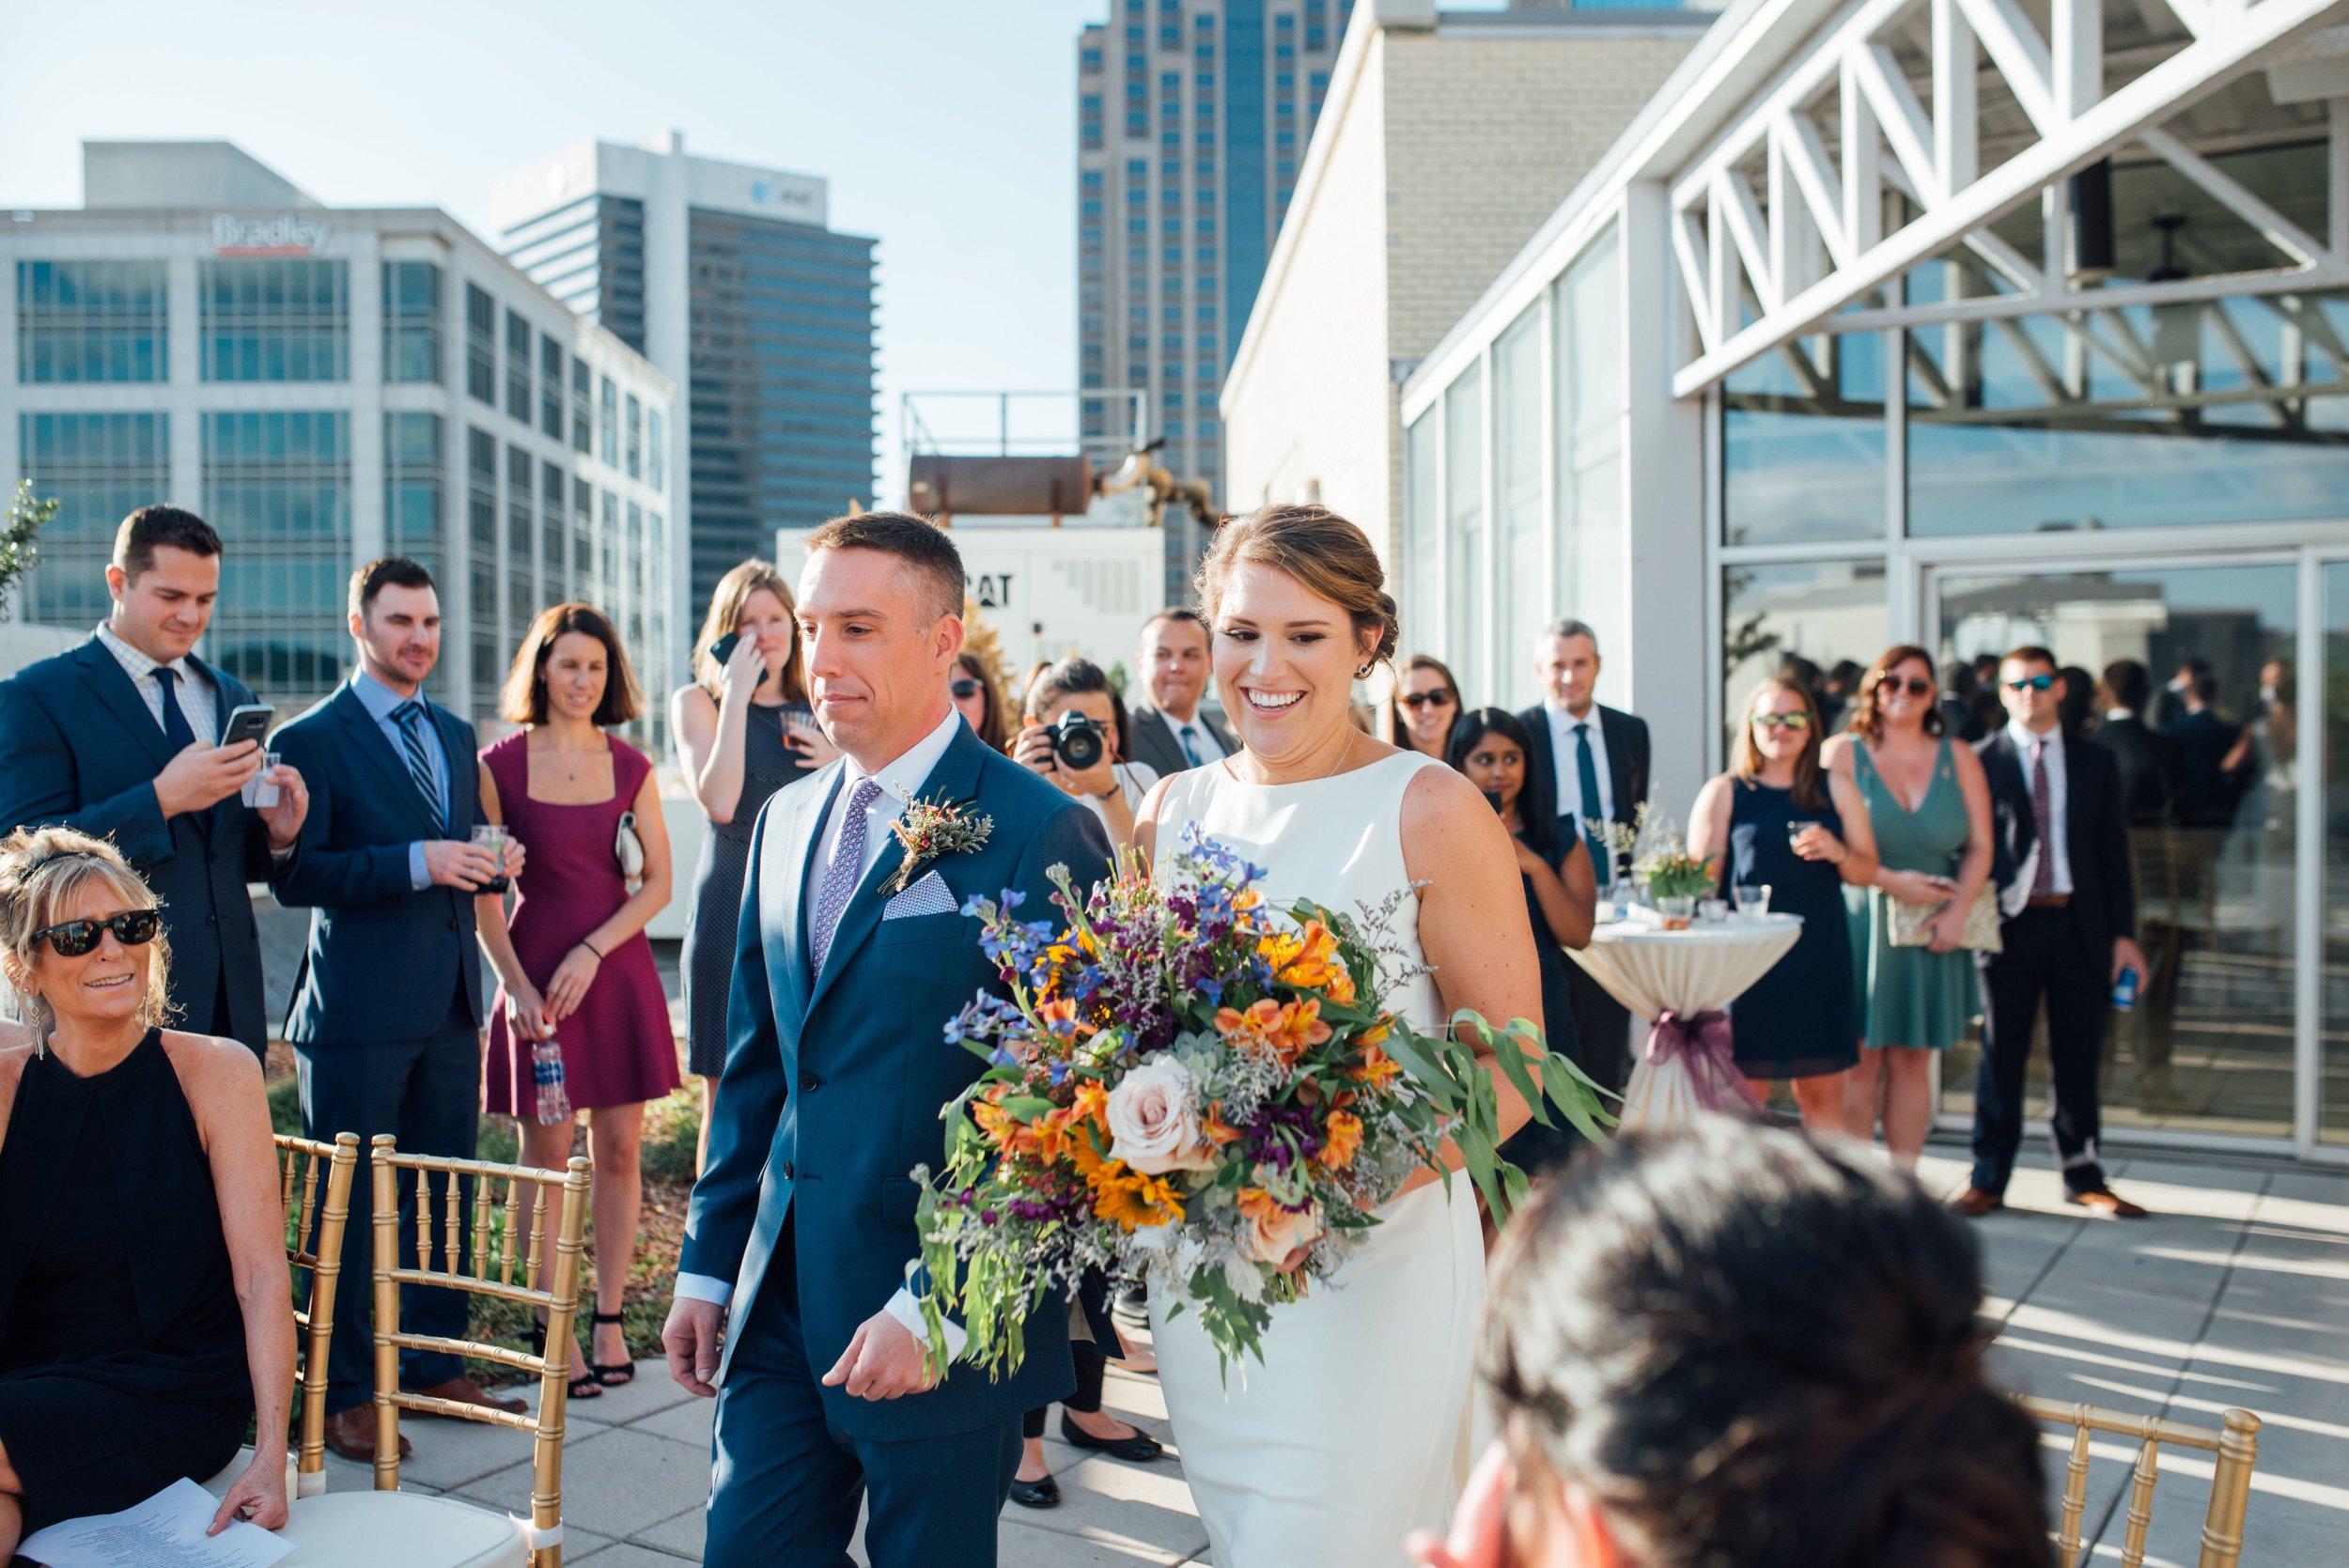 Stephen and Michelle-Wedding-0026.jpg